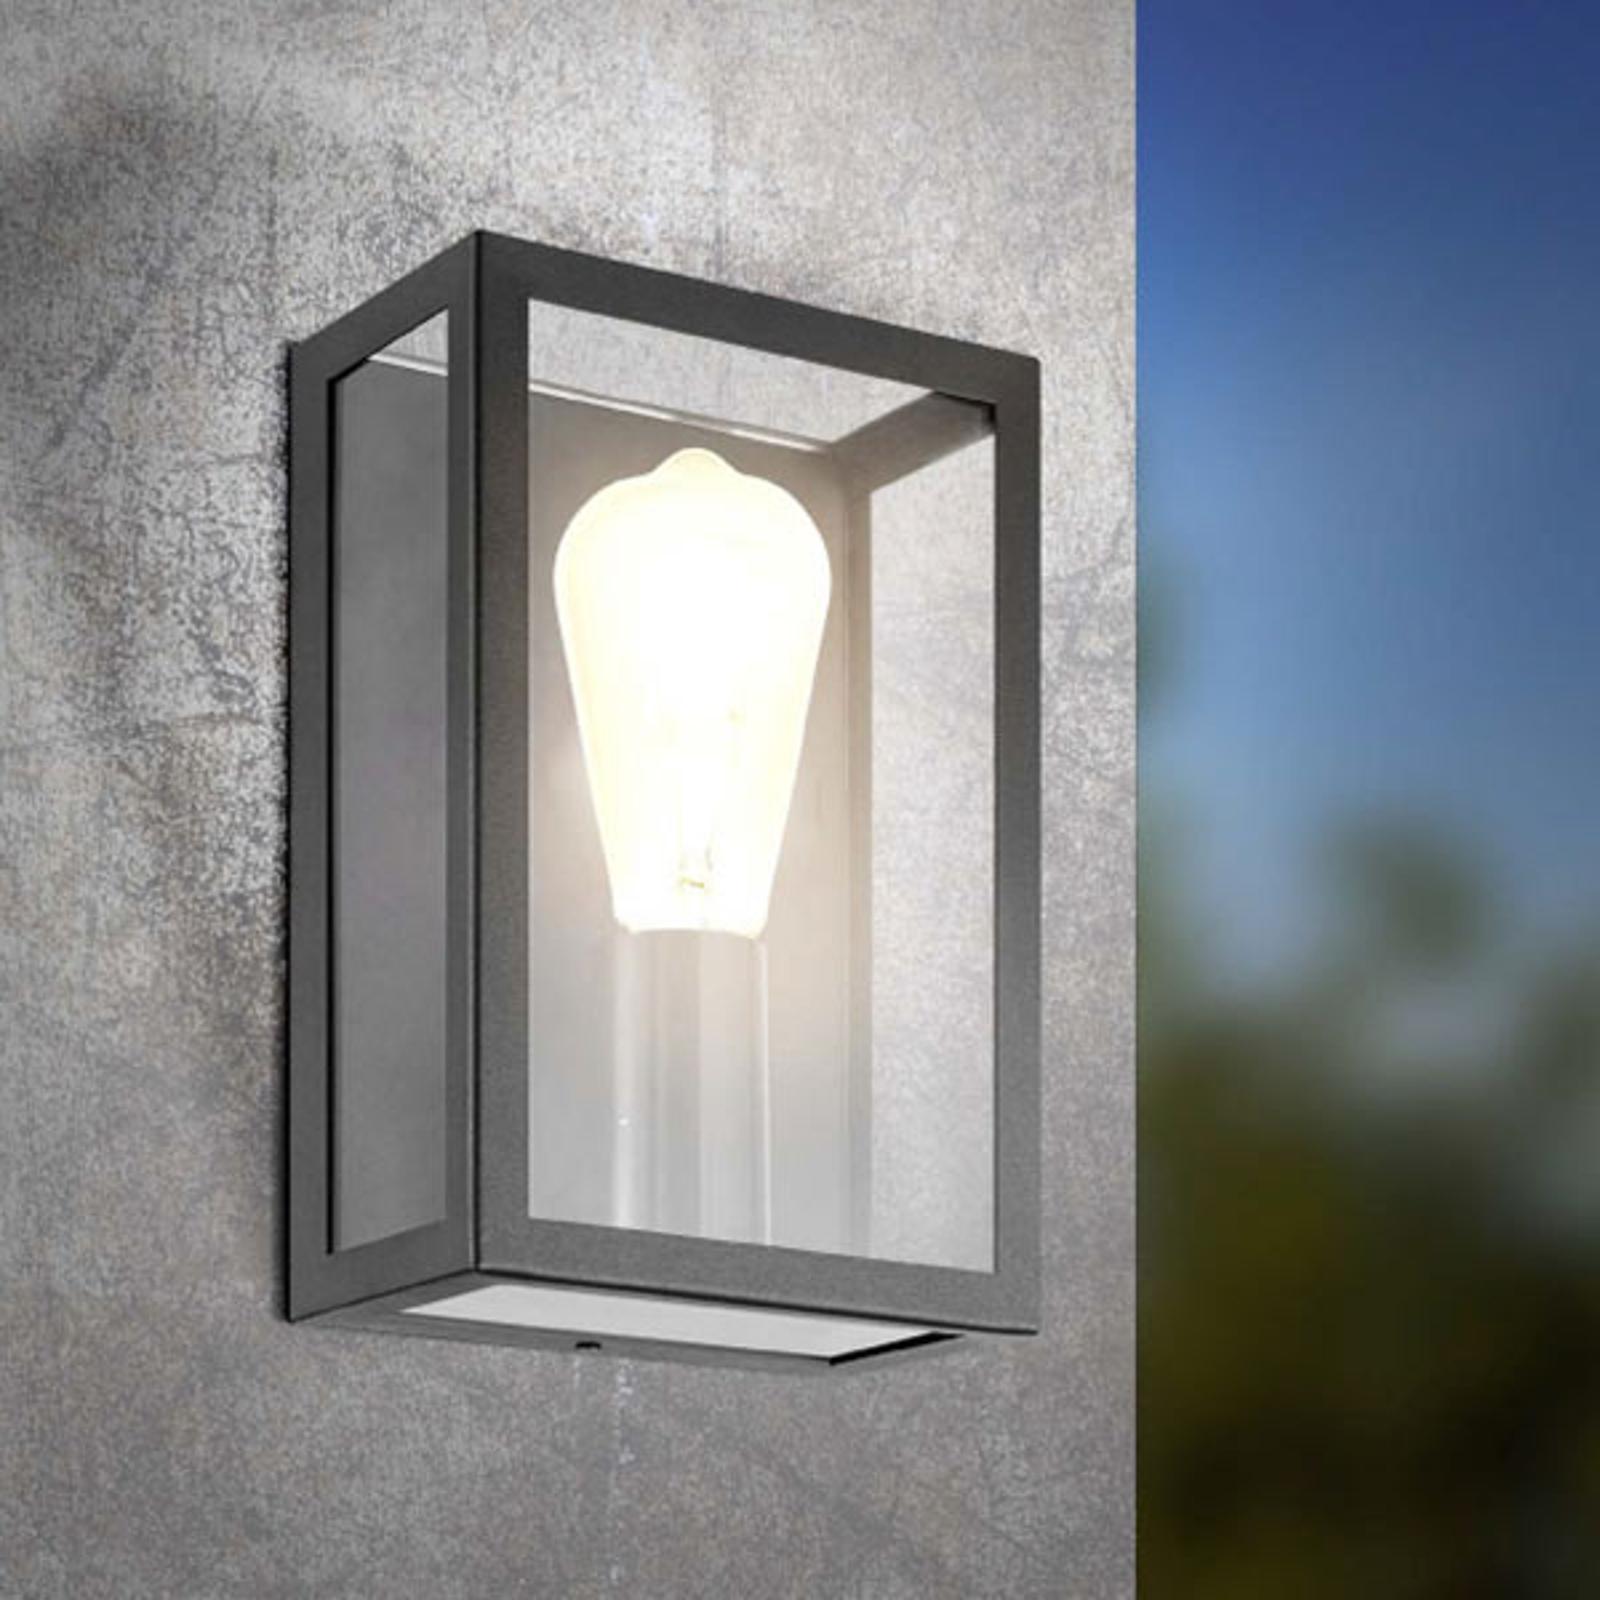 LED E27 4W filamenti ambra sensore notte/giorno